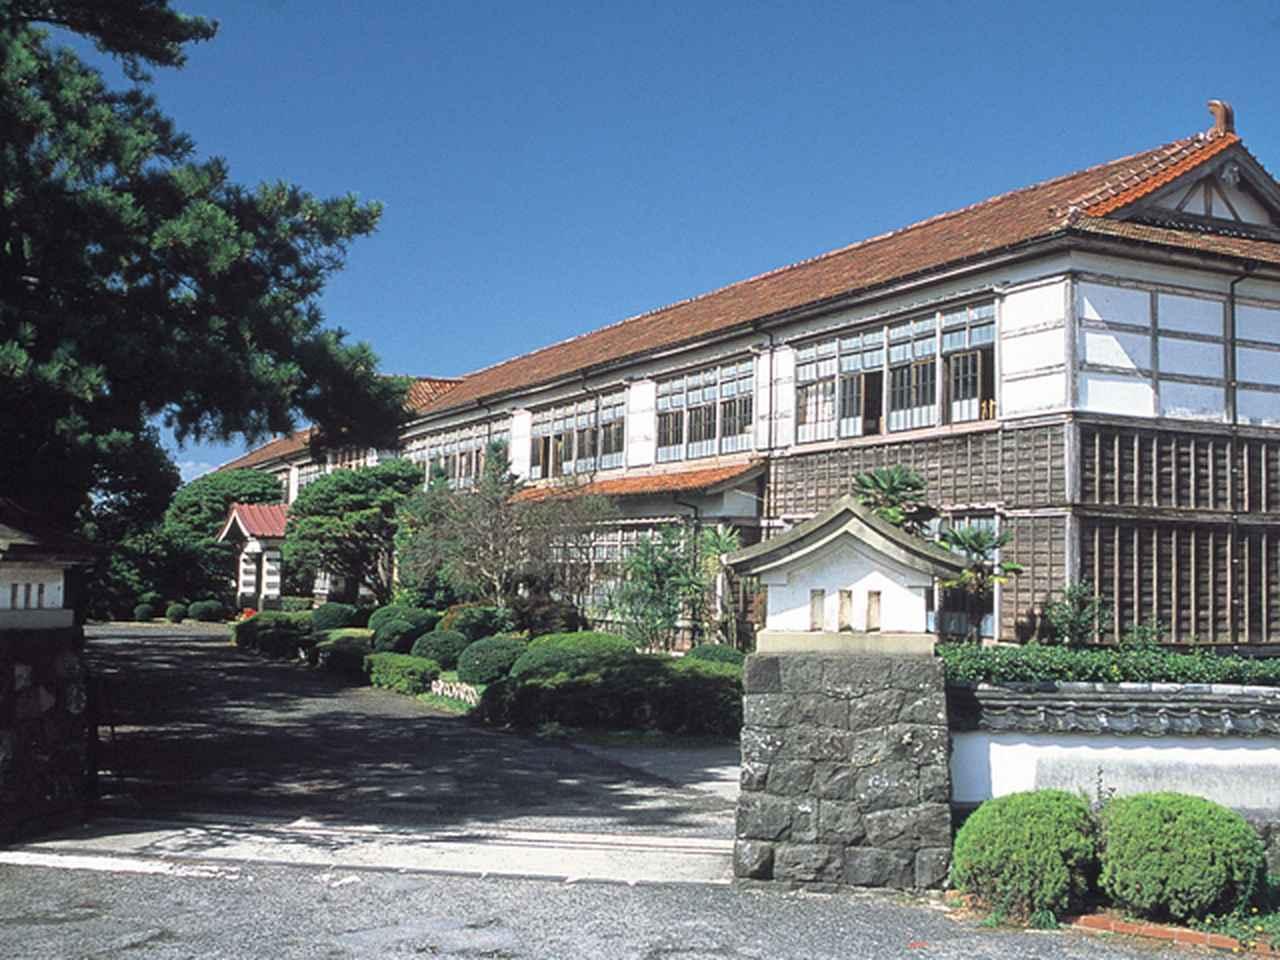 画像: 11:15 「萩藩校明倫館」跡地に建つ「萩・明倫学舎」のレストランでランチ